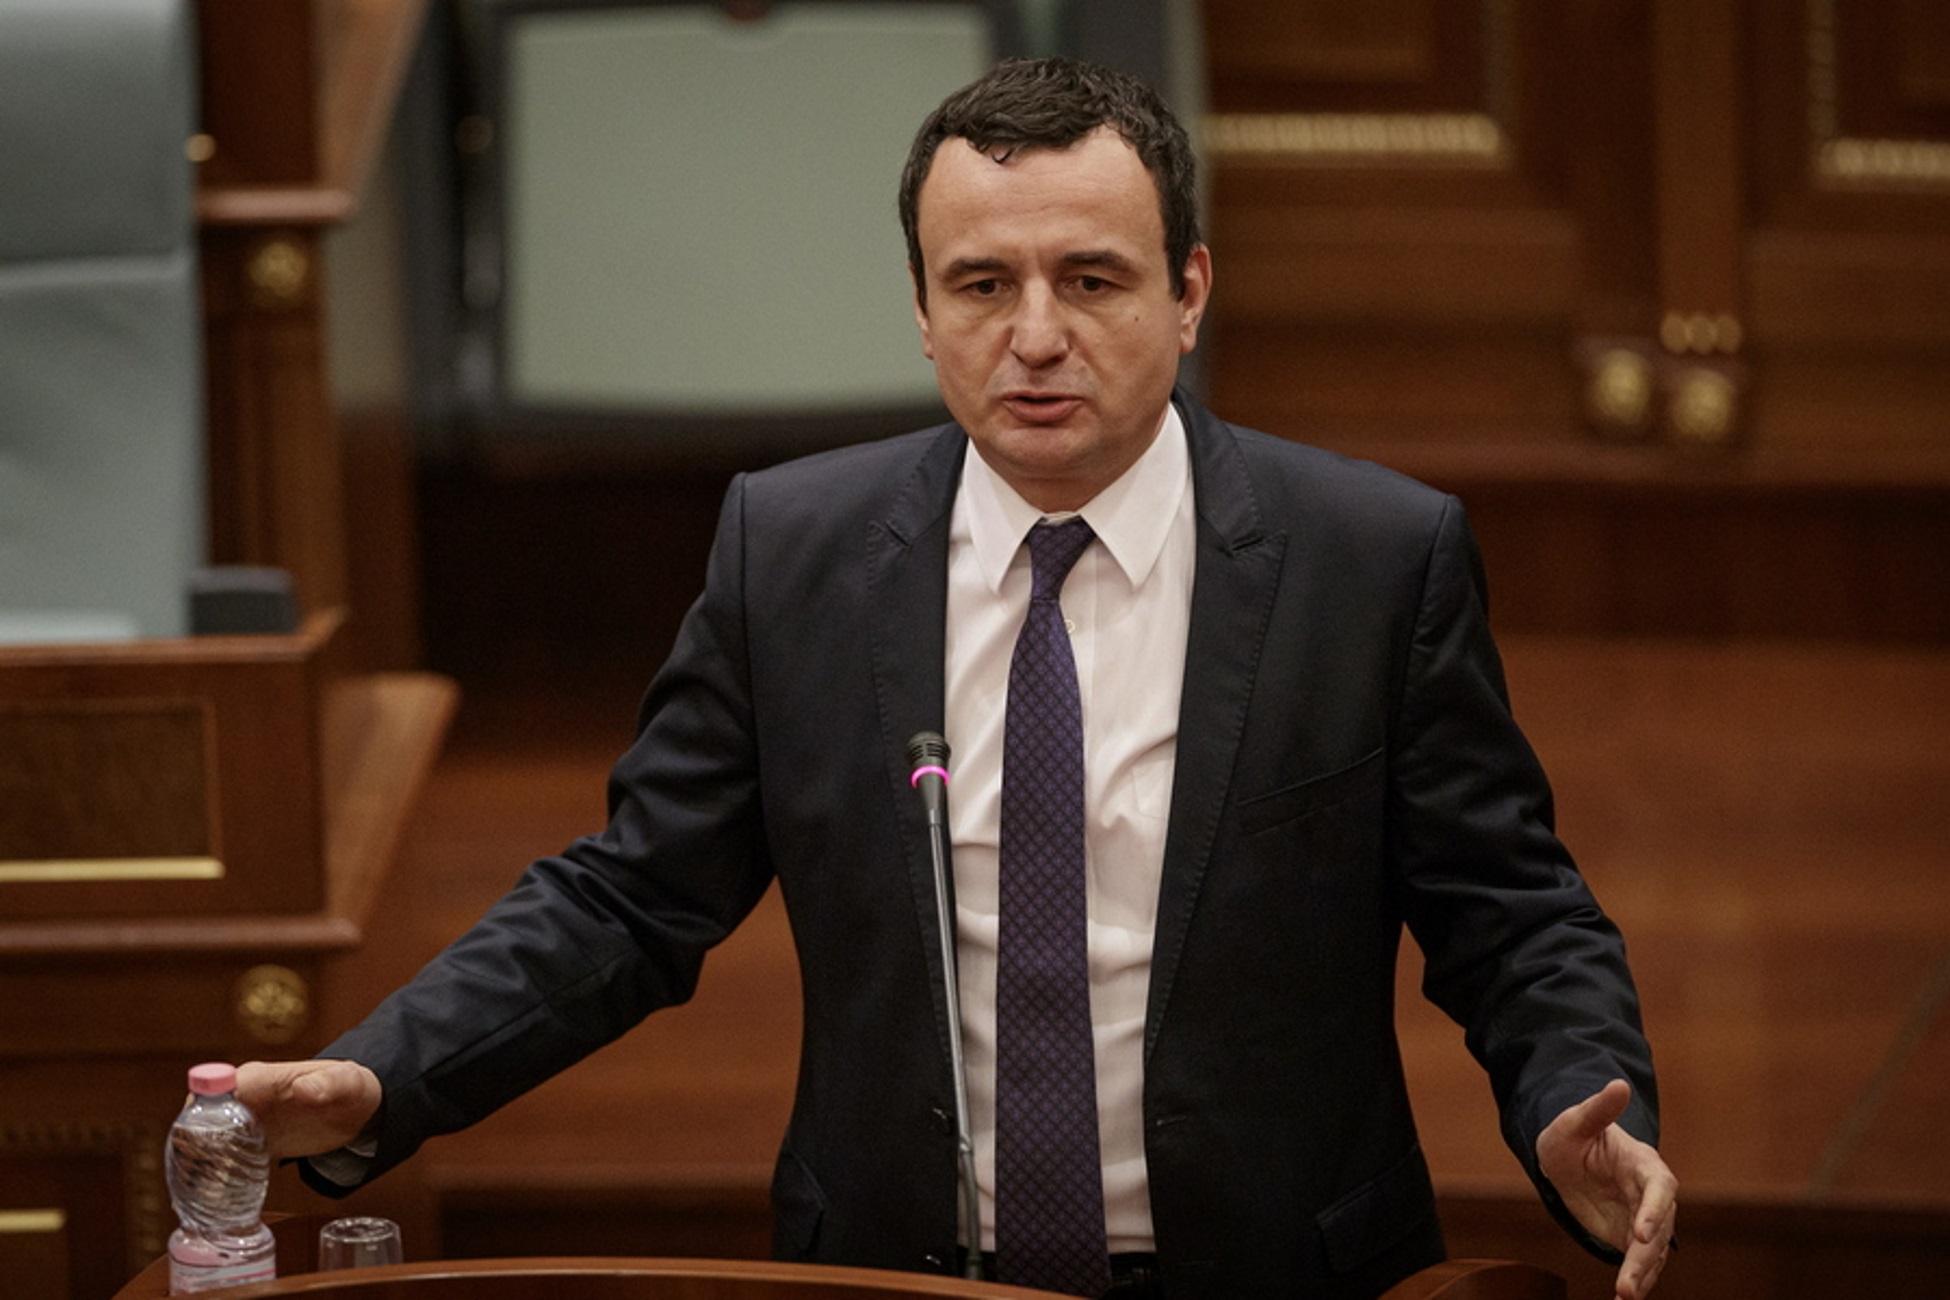 Κόσοβο: Σε αυτοαπομόνωση ο υπηρεσιακός πρωθυπουργός Αλμπίν Κούρτι